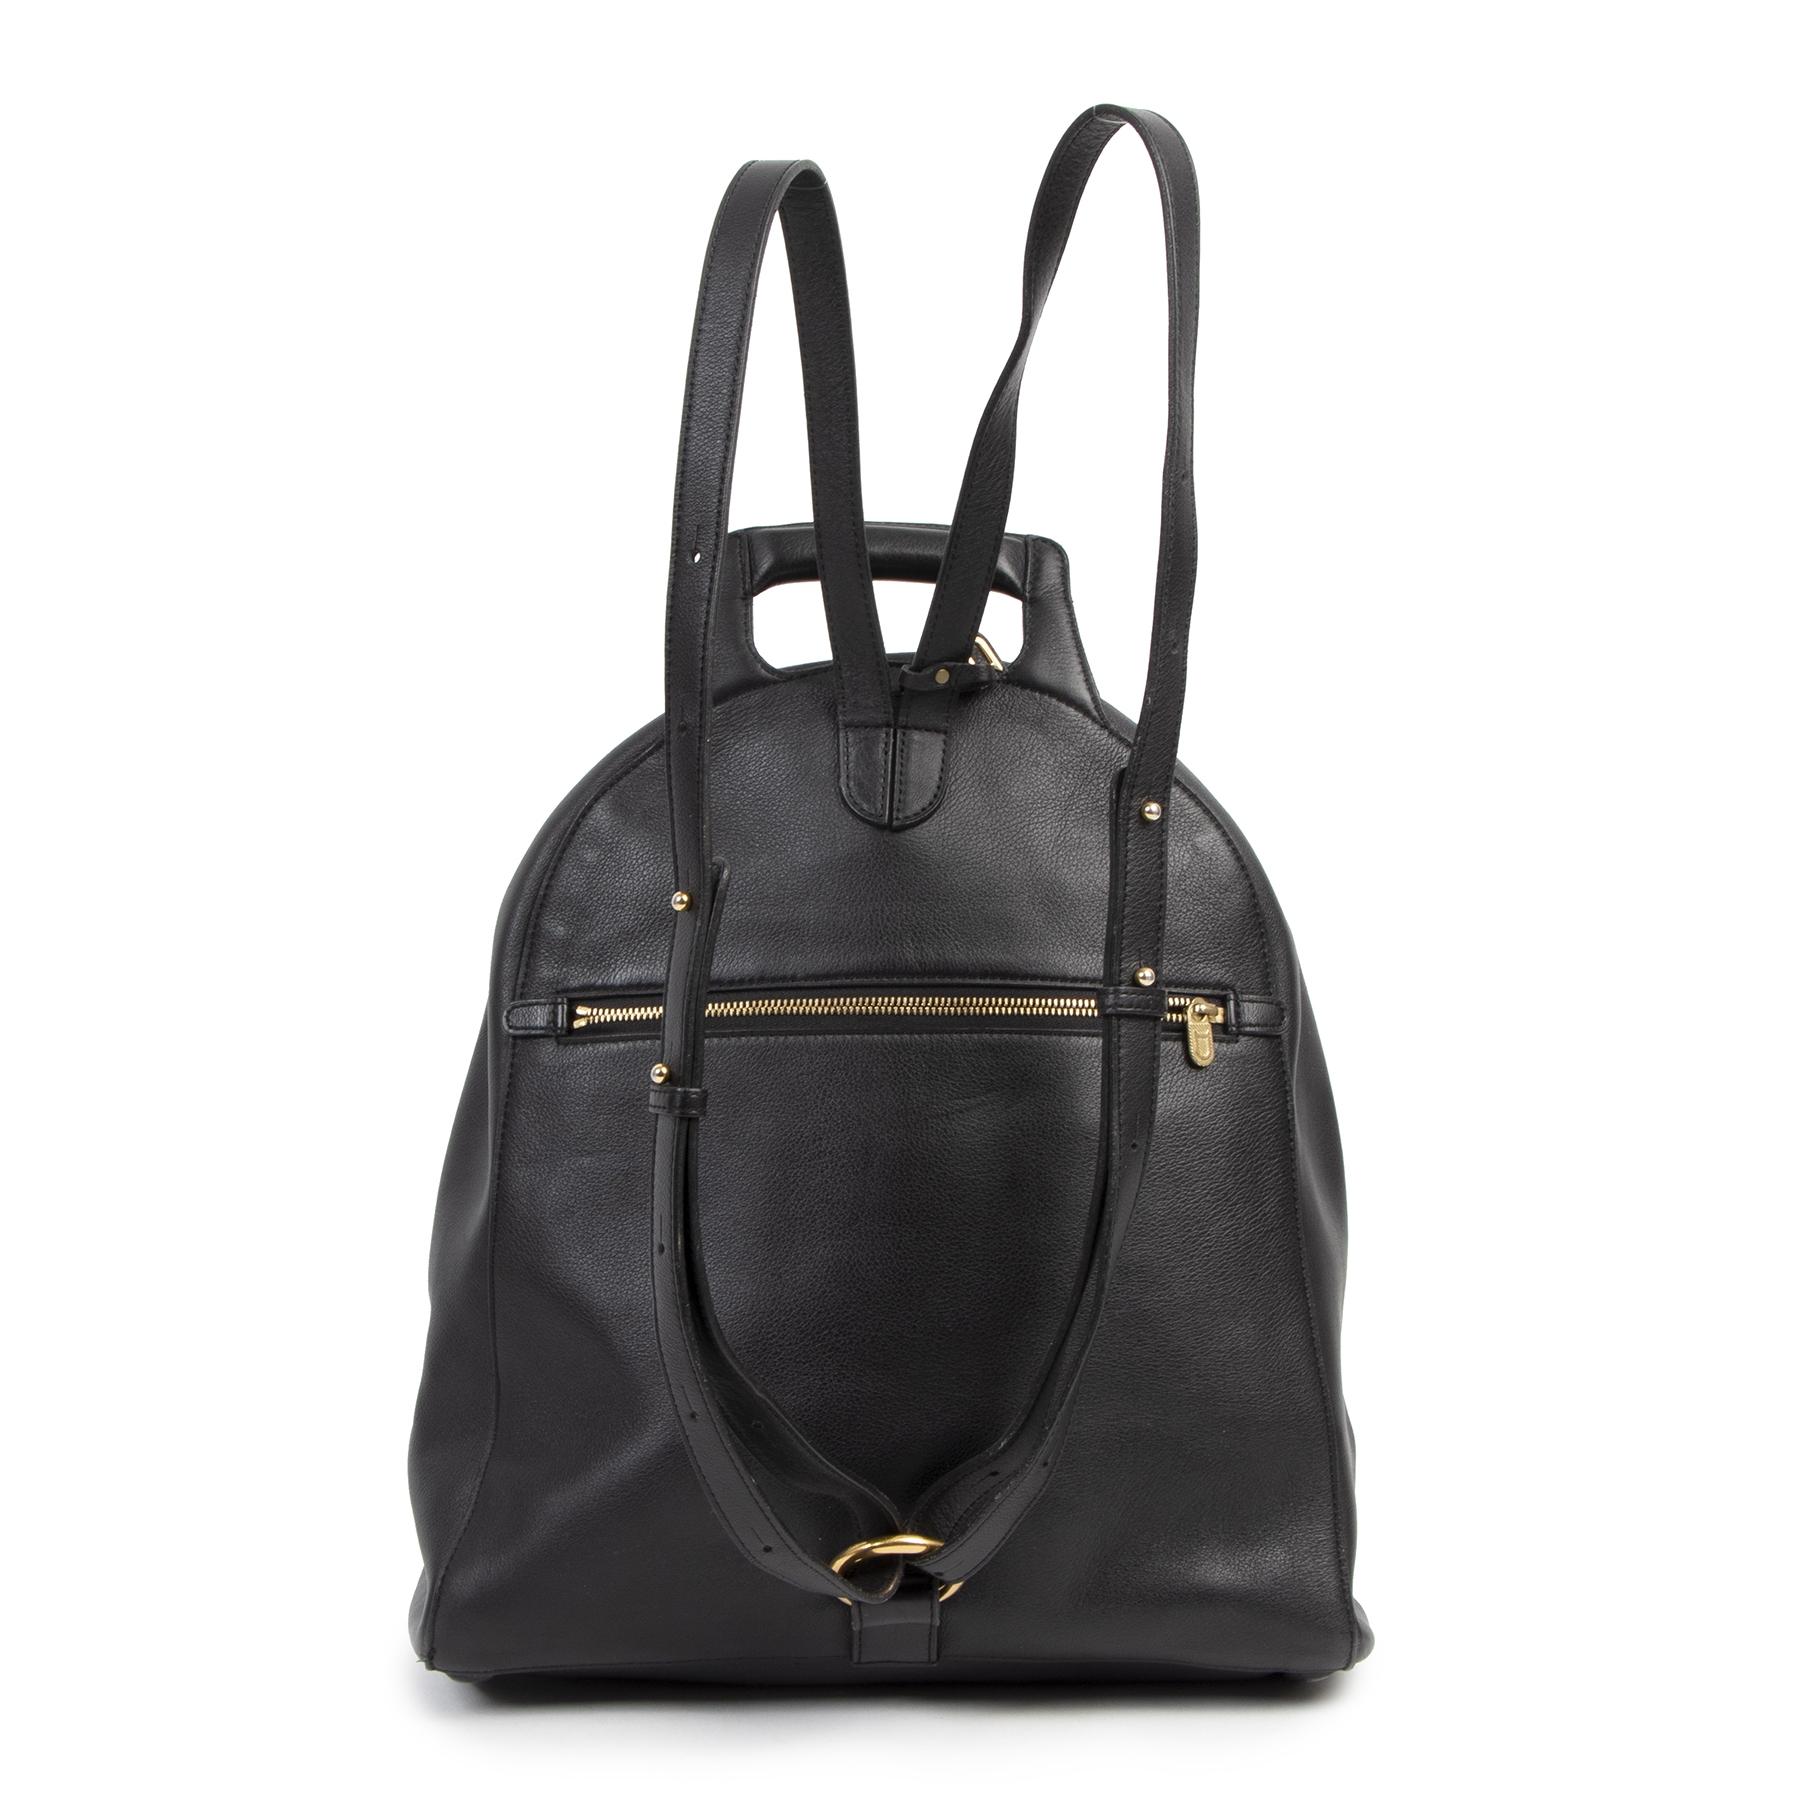 Authentieke Tweedehands Delvaux Black Leather Backpack juiste prijs veilig online shoppen luxe merken webshop winkelen Antwerpen België mode fashion